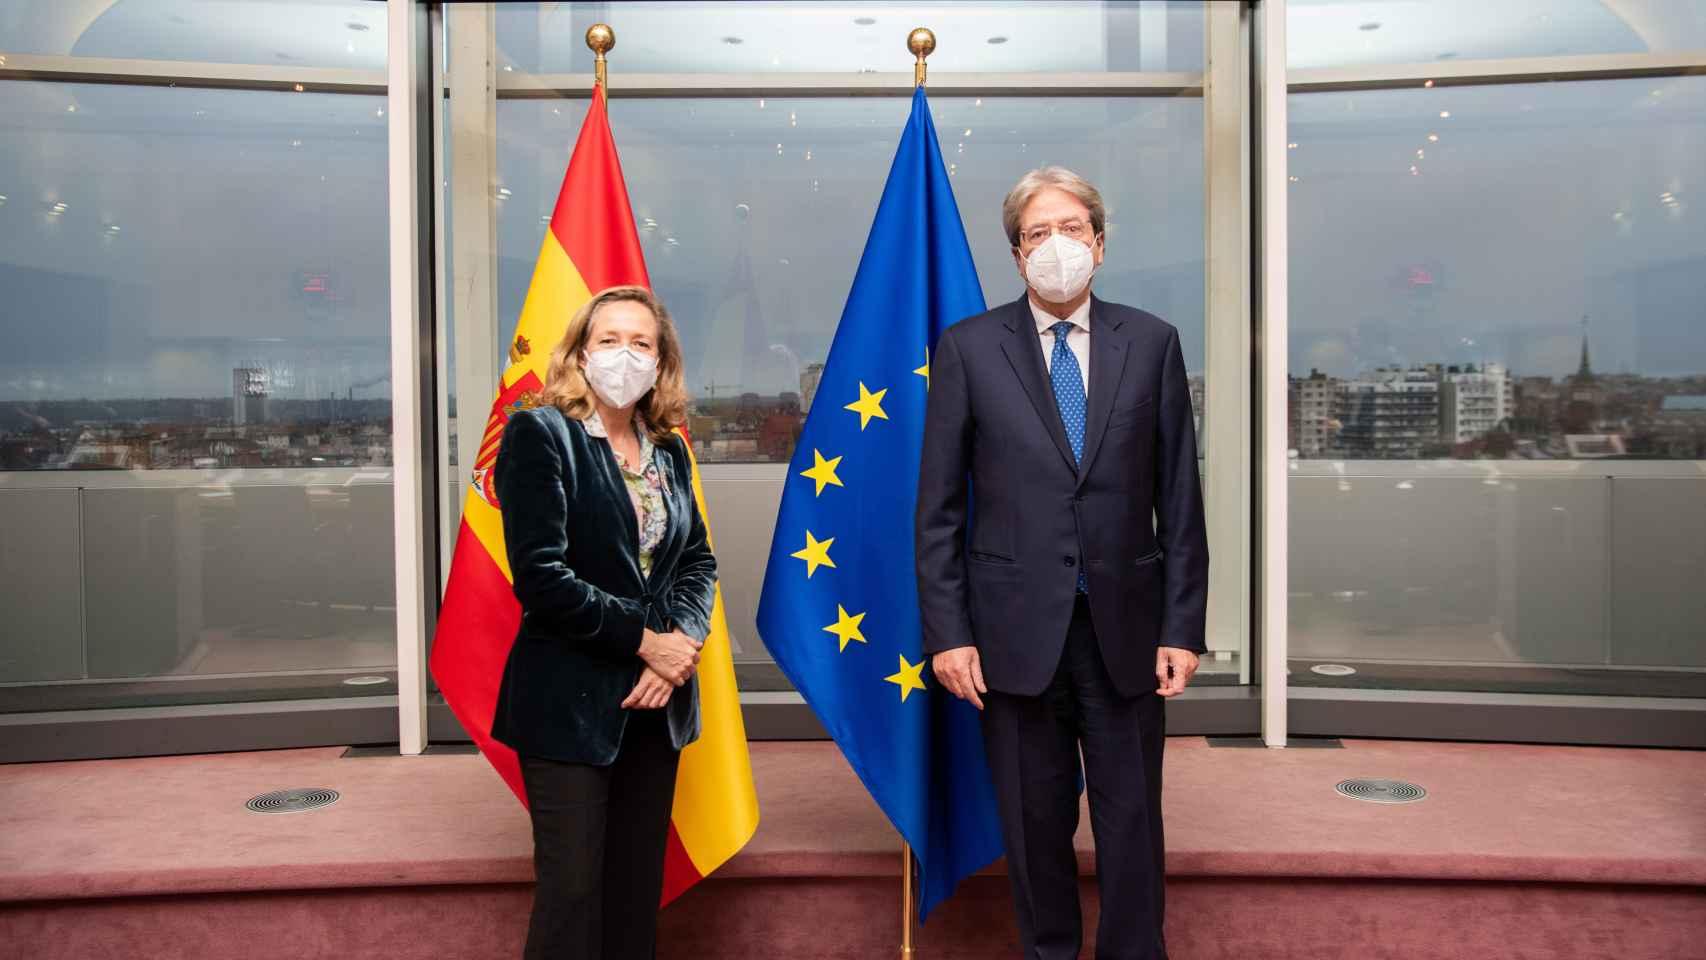 Nadia Calviño y Paolo Gentiloni, durante su última reunión en Bruselas a finales de enero